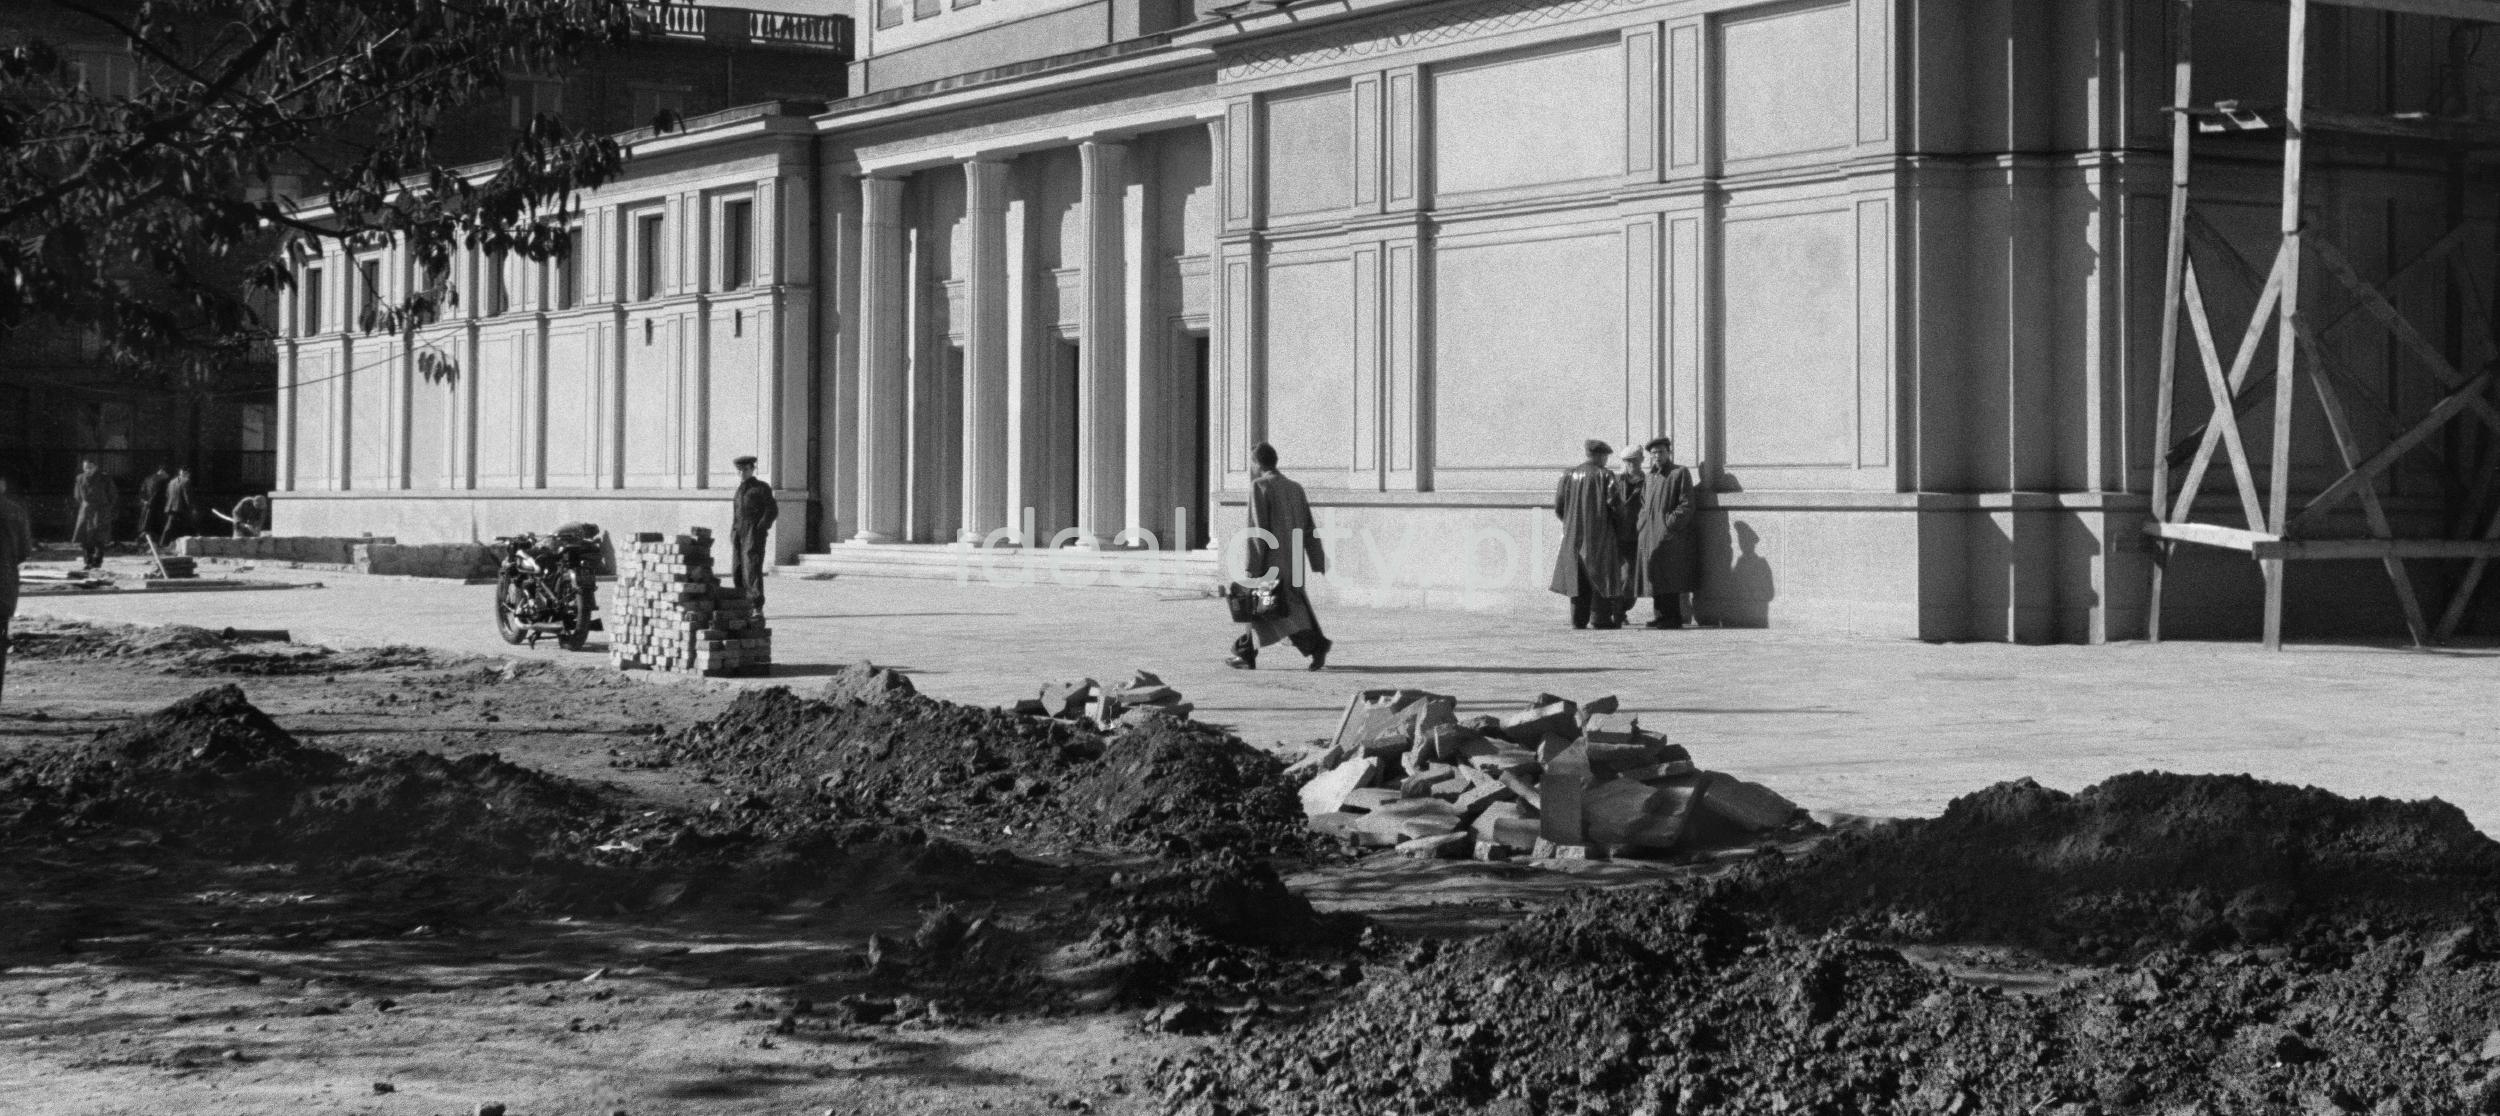 Mężczyźni w płaszczach pod ścianą wykańczanego właśnie monumentalnego budynku teatru.